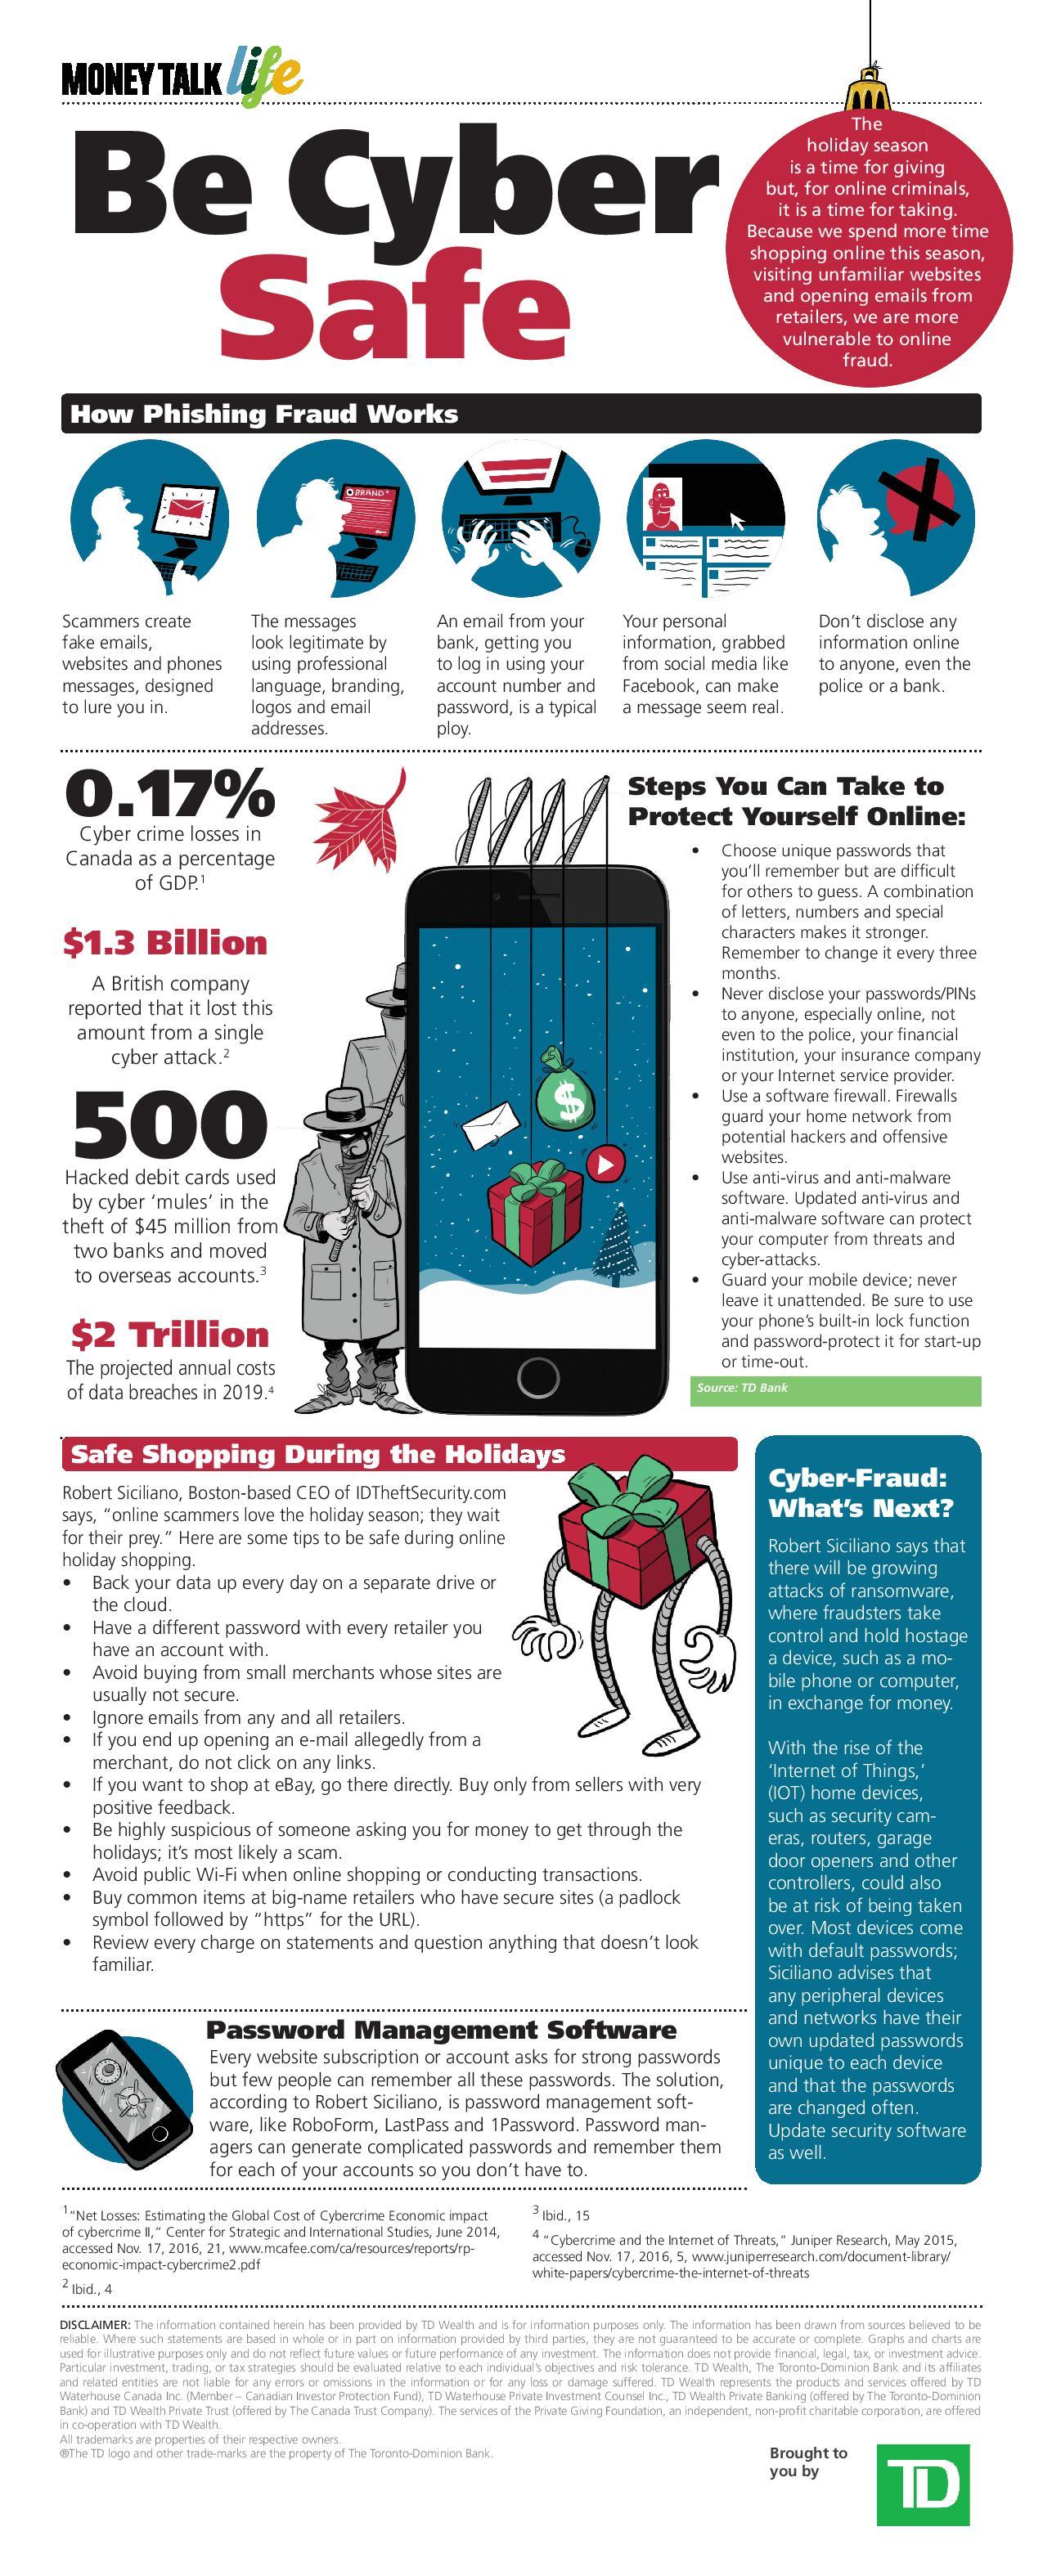 Cyber Safety Nov22_2016 - TD Money Tallk Life Infographic